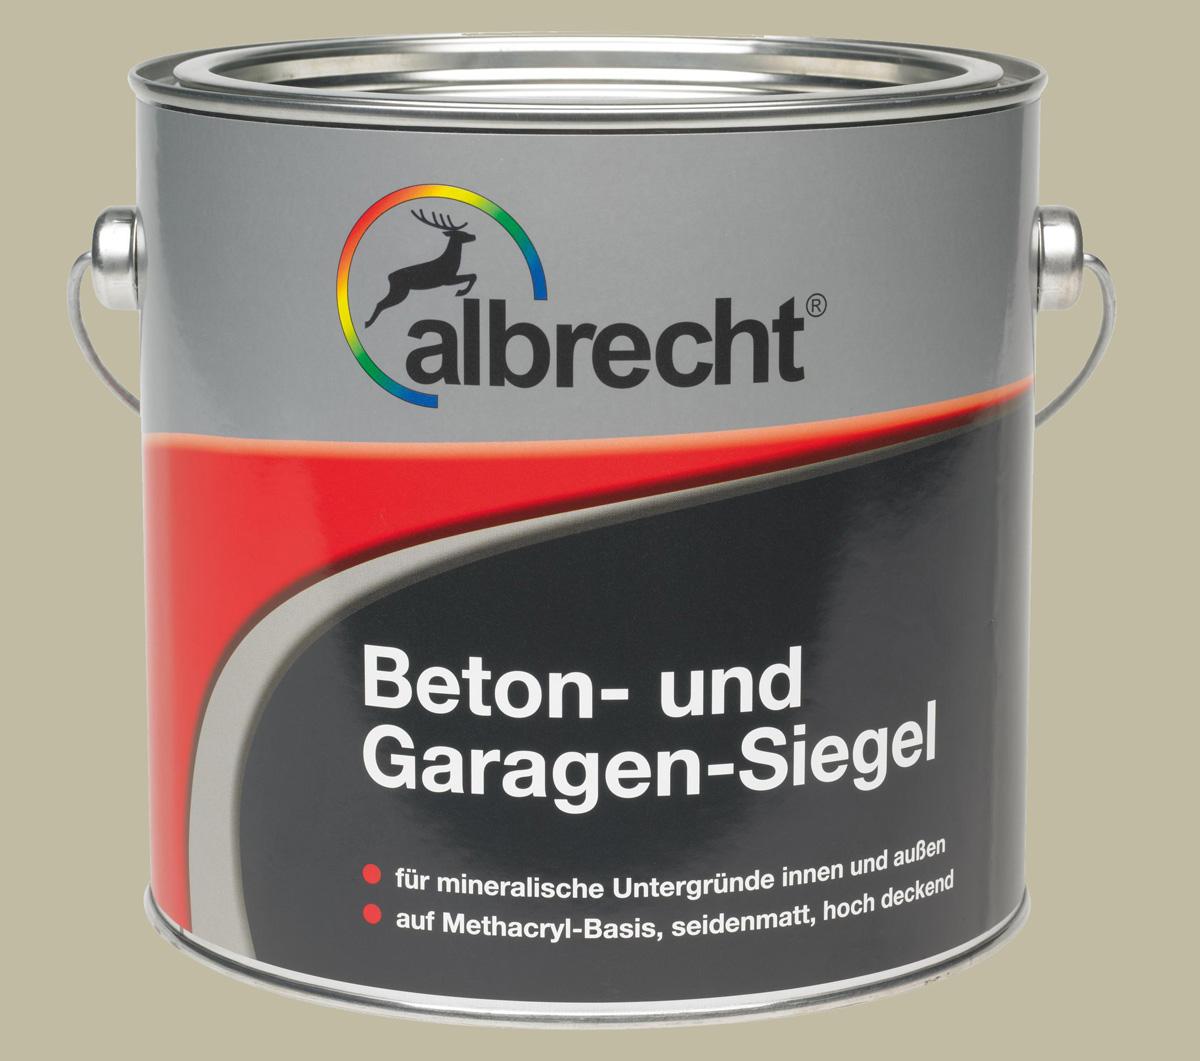 Beton- und Garagen-Siegel (Kieselgrau; 5 Liter)